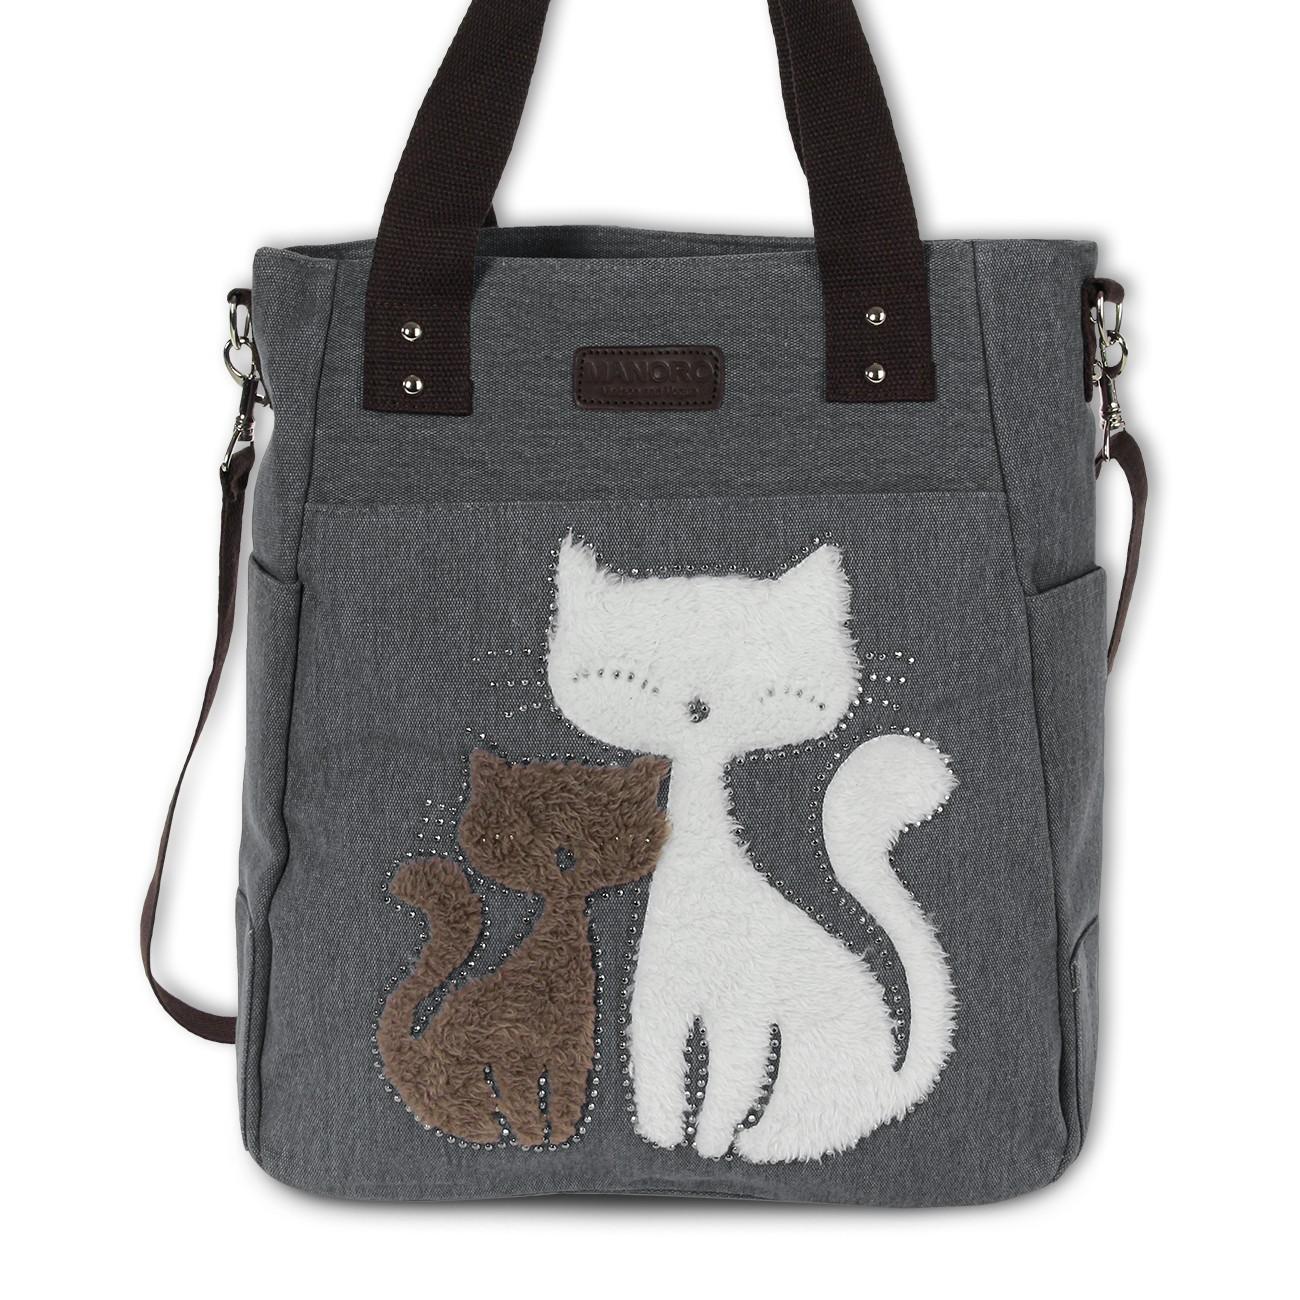 Henkeltasche, Shopper Canvas grau Handtasche Cats Schultertasche Manoro OTK217K